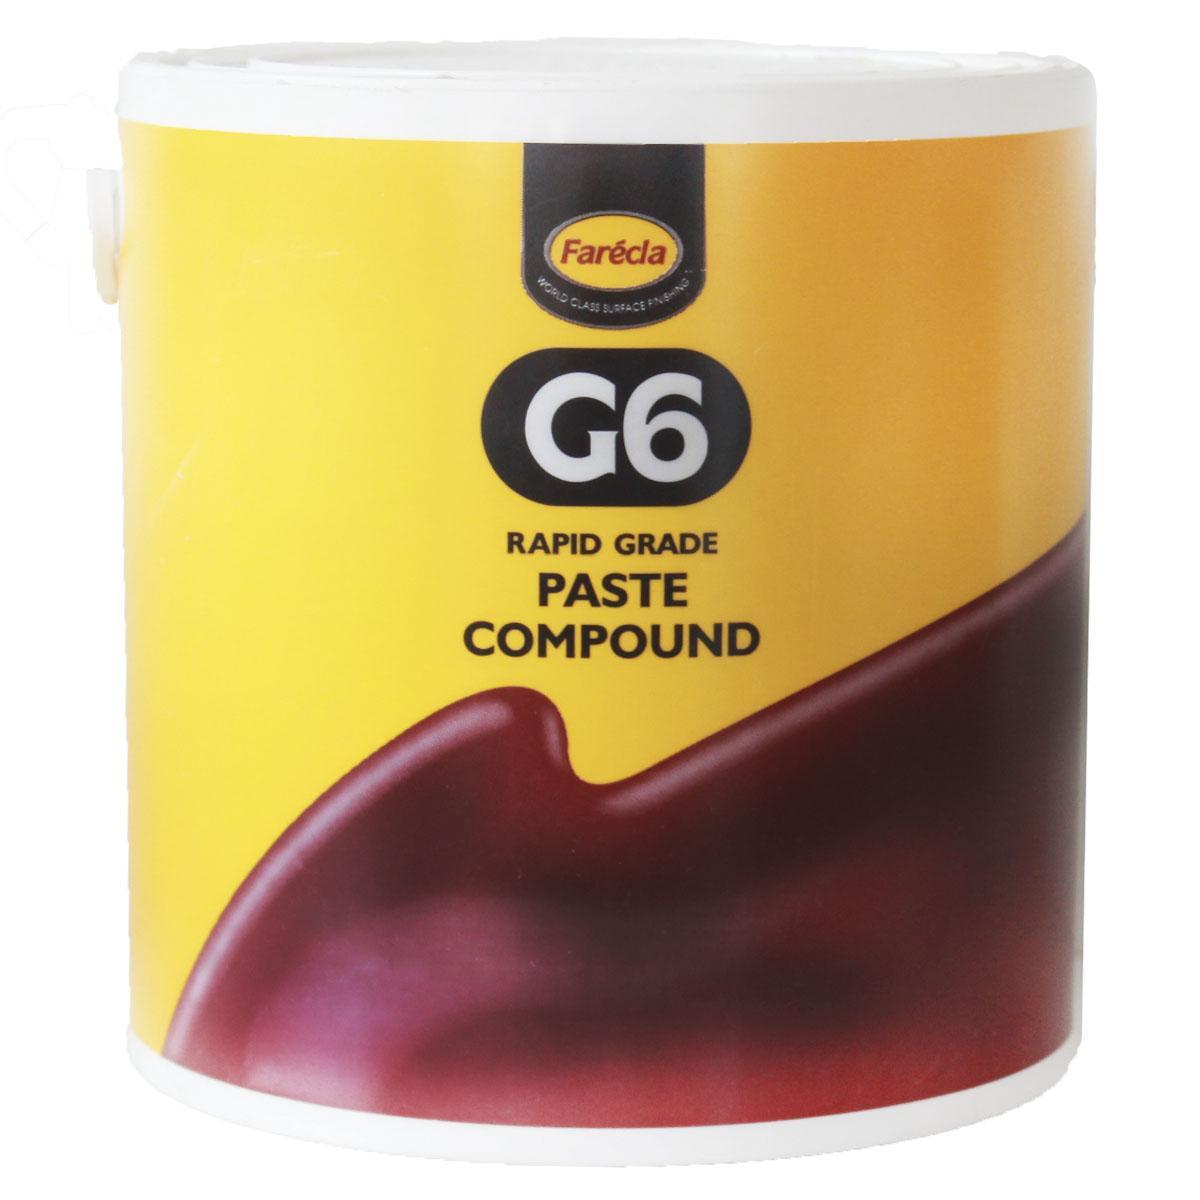 Farecla g6 rapid grade paste compound